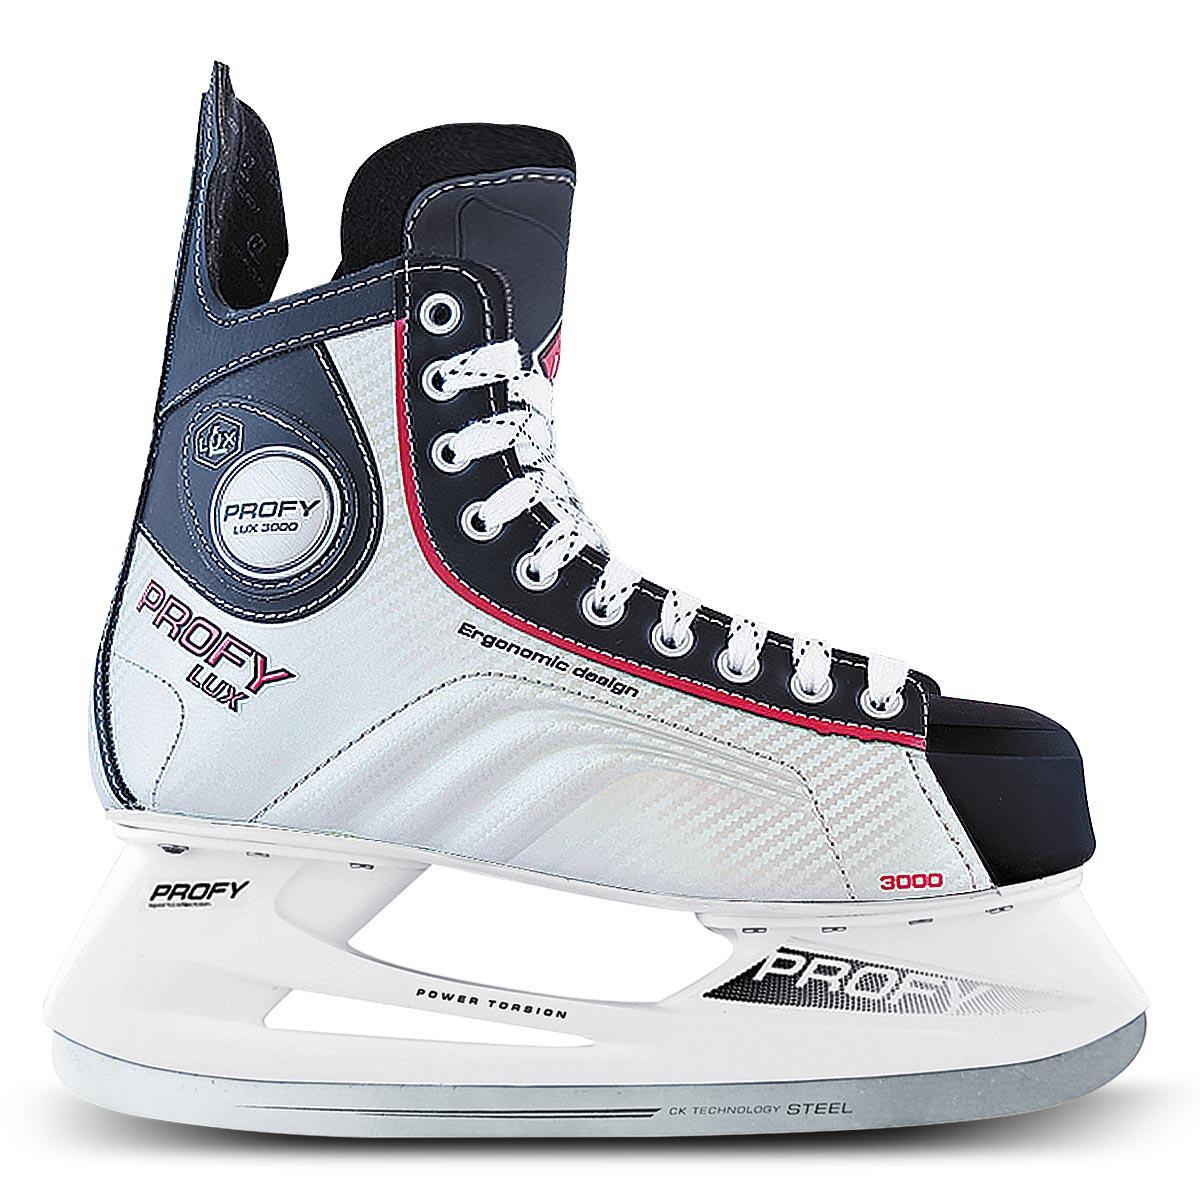 Коньки хоккейные мужские СК Profy Lux 3000, цвет: черный, серебряный, красный. Размер 45PROFY LUX 3000 Red_45Коньки хоккейные мужские СК Profy Lux 3000 прекрасно подойдут для профессиональных игроков в хоккей. Ботинок выполнен из морозоустойчивой искусственной кожи и специального резистентного ПВХ, а язычок - из двухслойного войлока и искусственной кожи. Слоевая композитная технология позволила изготовить ботинок, полностью обволакивающий ногу. Это обеспечивает прочную и удобную фиксацию ноги, повышает защиту от ударов. Ботинок изготовлен с учетом антропометрии стоп россиян, что обеспечивает комфорт и устойчивость ноги, правильное распределение нагрузки, сильно снижает травмоопасность. Конструкция носка ботинка, изготовленного из ударопрочного энергопоглощающего термопластичного полиуретана Hytrel® (DuPont), обеспечивает увеличенную надежность защиты передней части ступни от ударов. Усиленные боковины ботинка из формованного PVC укрепляют боковую часть ботинка и дополнительно защищают ступню от ударов за счет поглощения энергии. Тип застежки ботинок – классическая шнуровка. Стелька из упругого пенного полимерного материала EVA гарантирует комфортное положение ноги в ботинке, обеспечивает быструю адаптацию ботинка к индивидуальным формам ноги, не теряет упругости при изменении температуры и не разрушается от воздействия пота и влаги. Легкая прочная низкопрофильная полимерная подошва инжекционного формования практически без потерь передает энергию от толчка ноги к лезвию – быстрее набор скорости, резче повороты и остановки, острее чувство льда. Лезвие из нержавеющей стали 420J обеспечит превосходное скольжение.